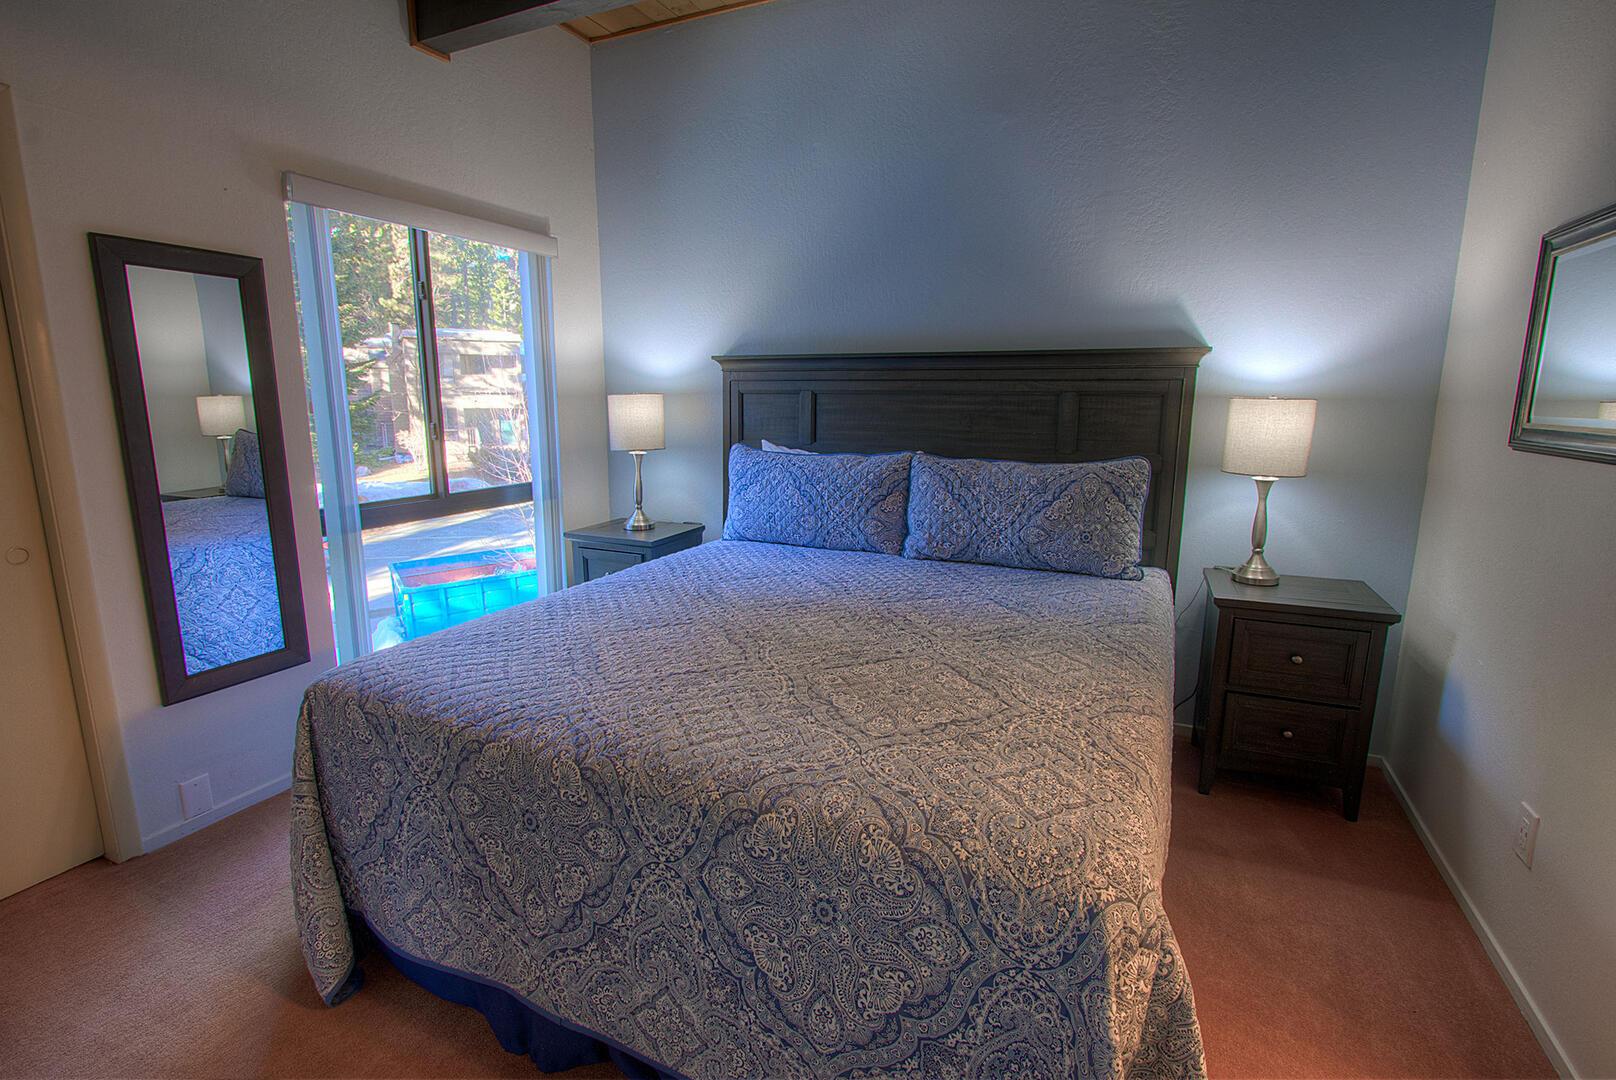 cdc0622 bedroom